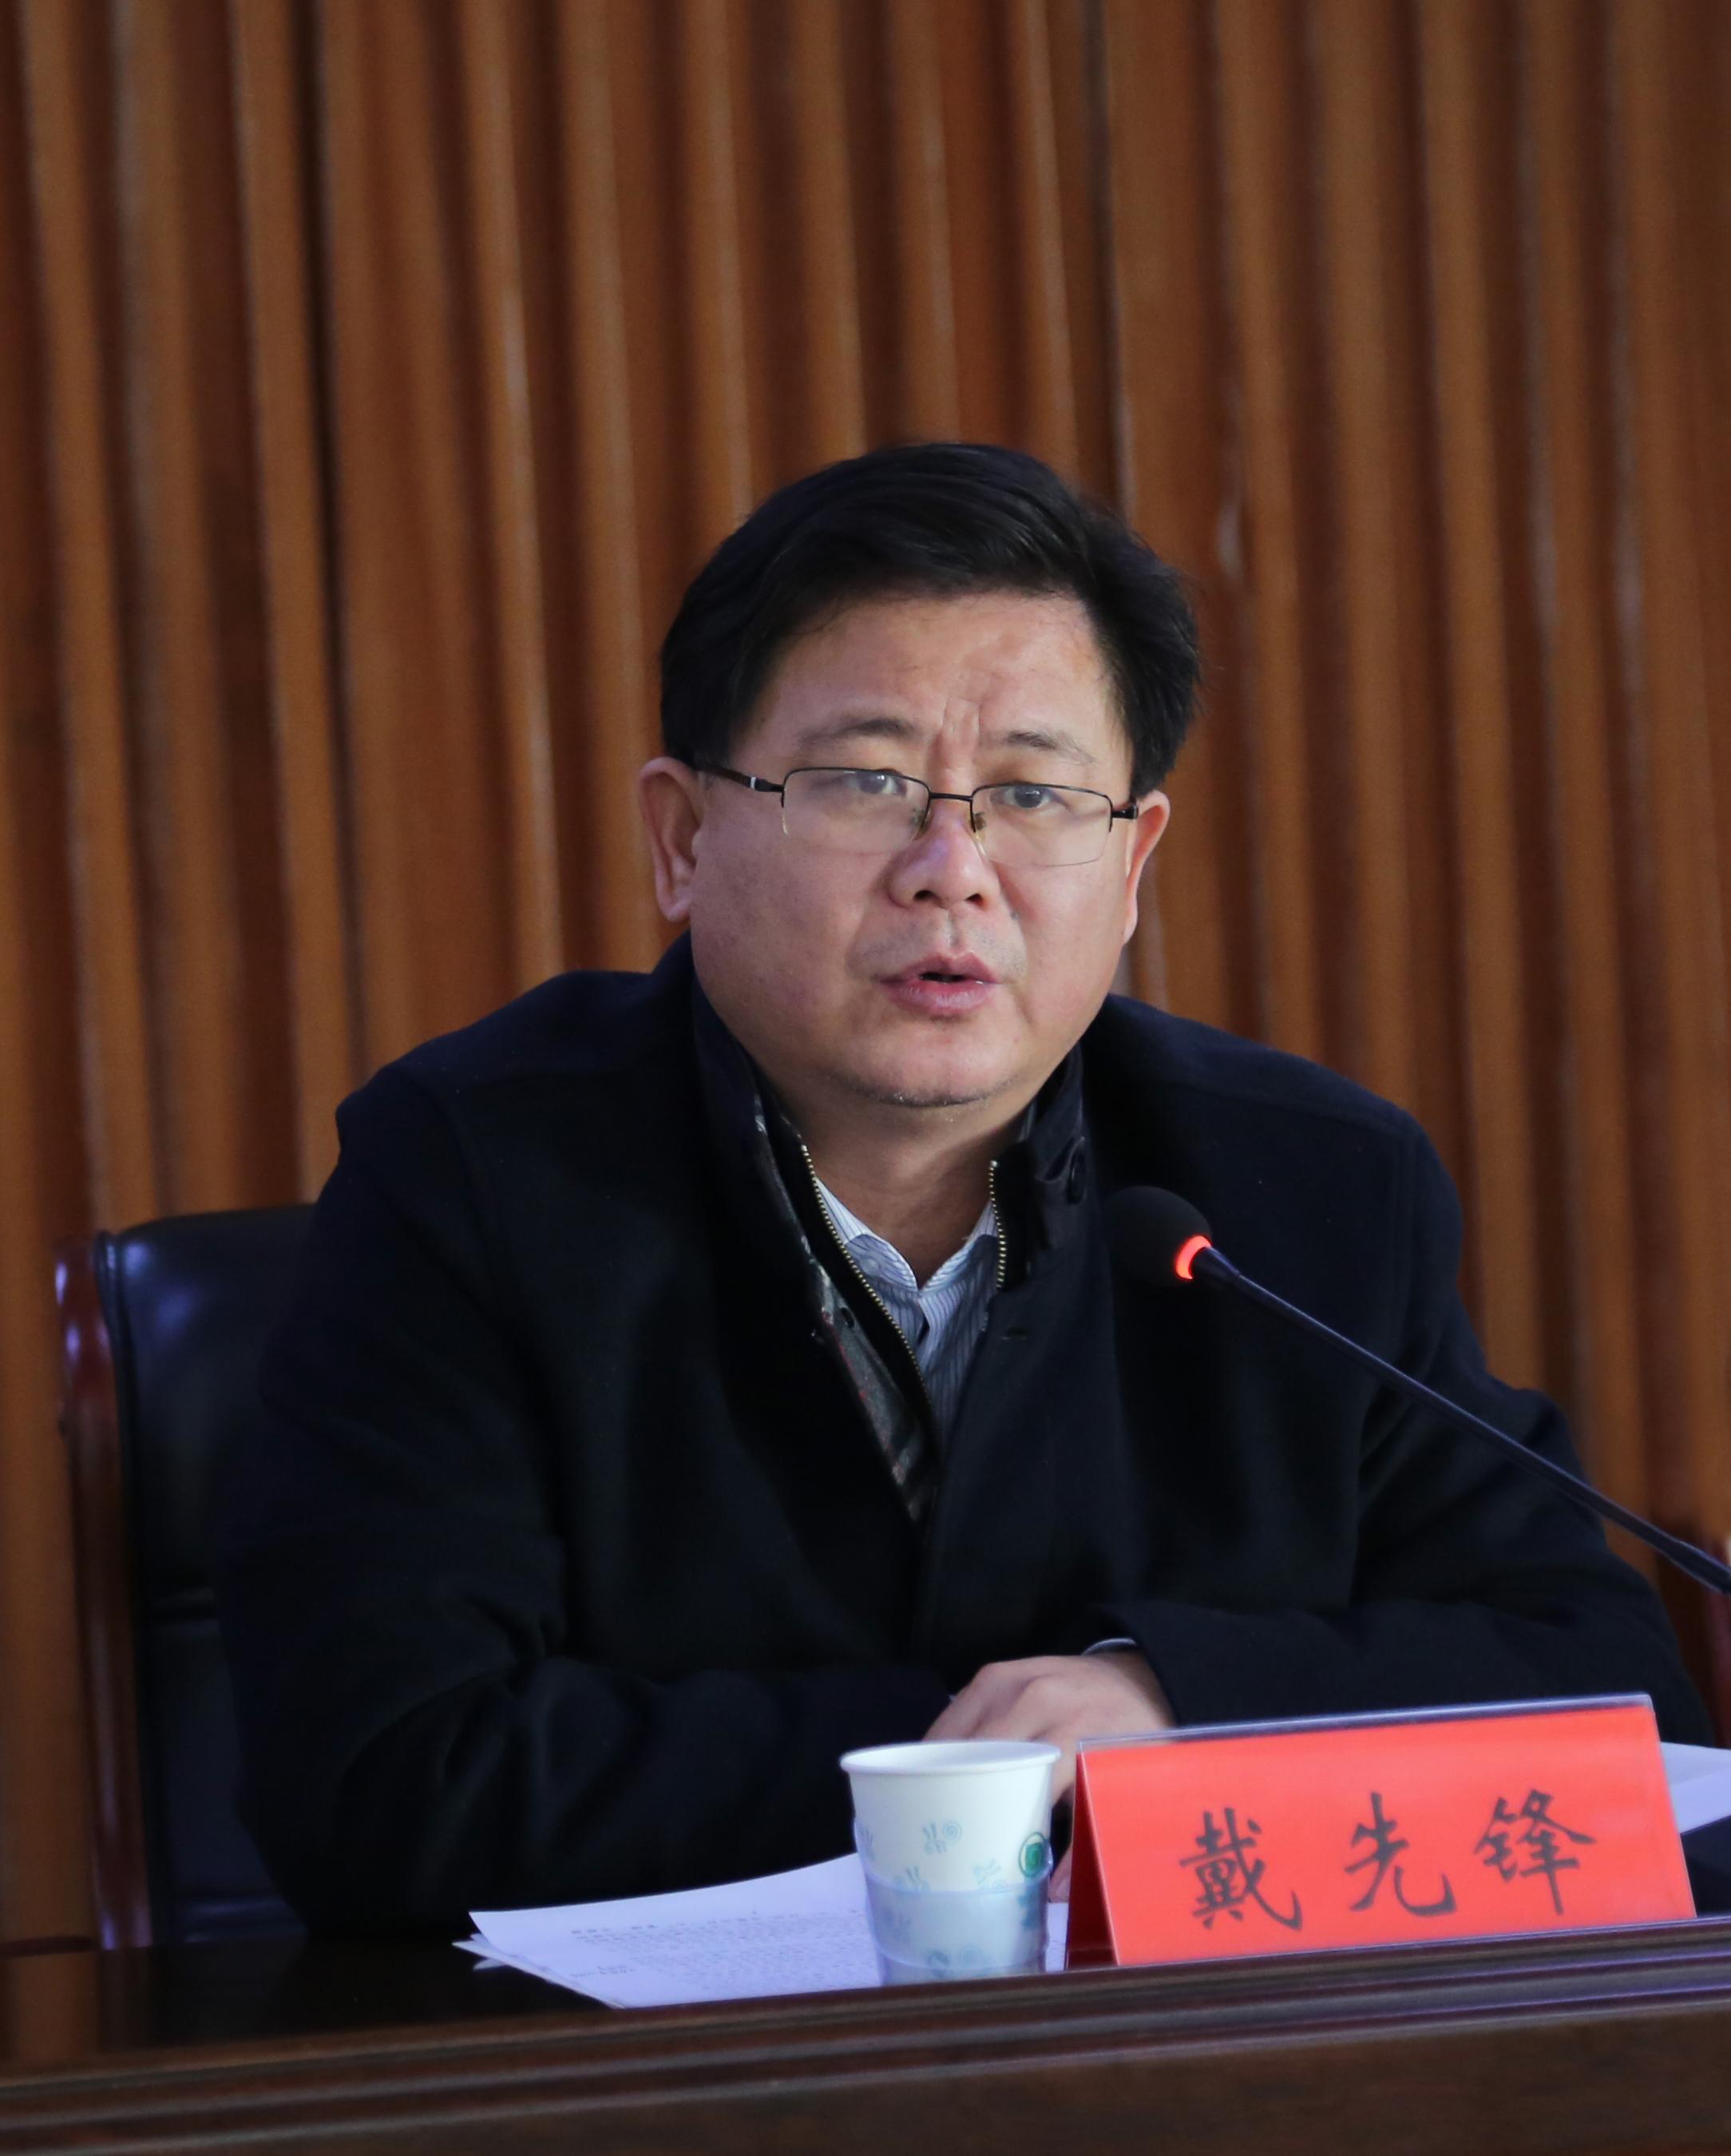 新泰市委常委、宣传部部长戴先锋做重要讲话